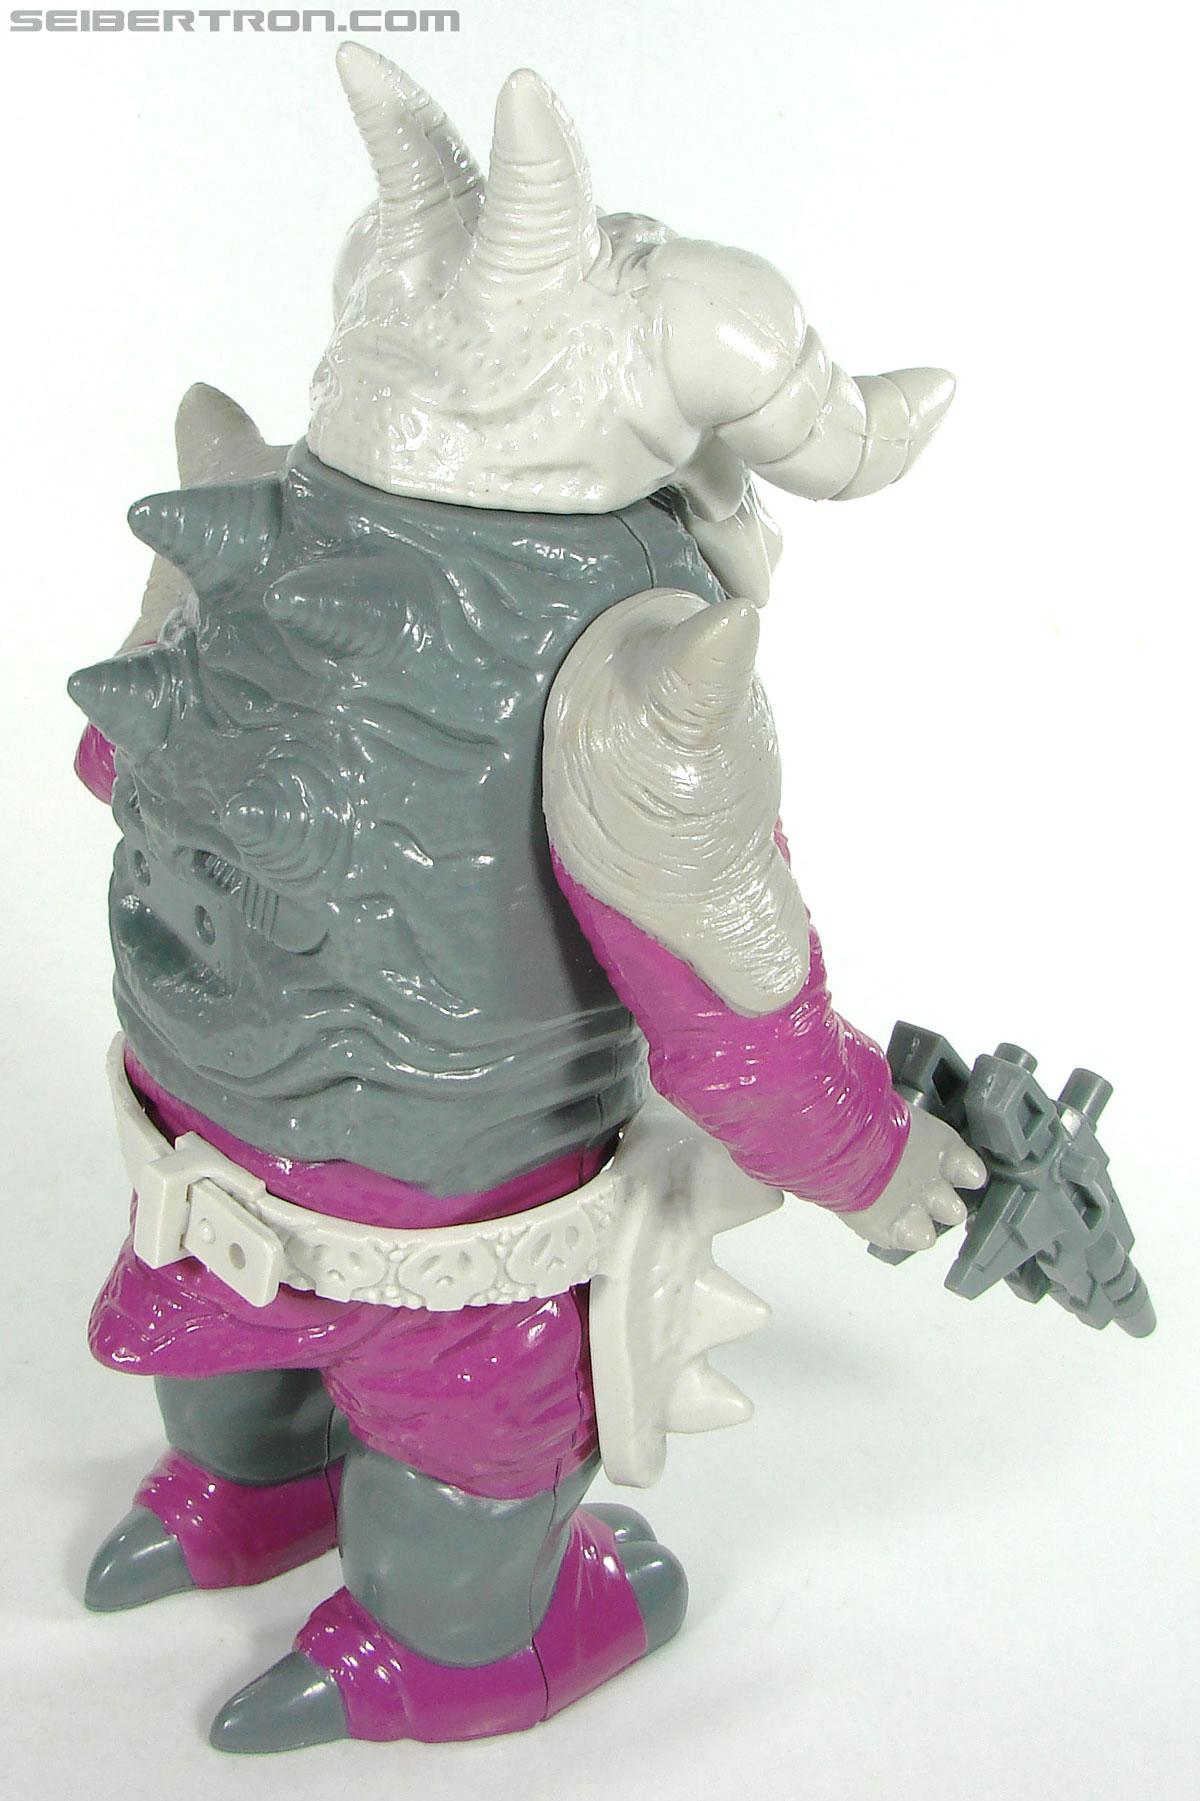 Transformers Super God Masterforce Skullgrin (Dauros) (Image #62 of 196)